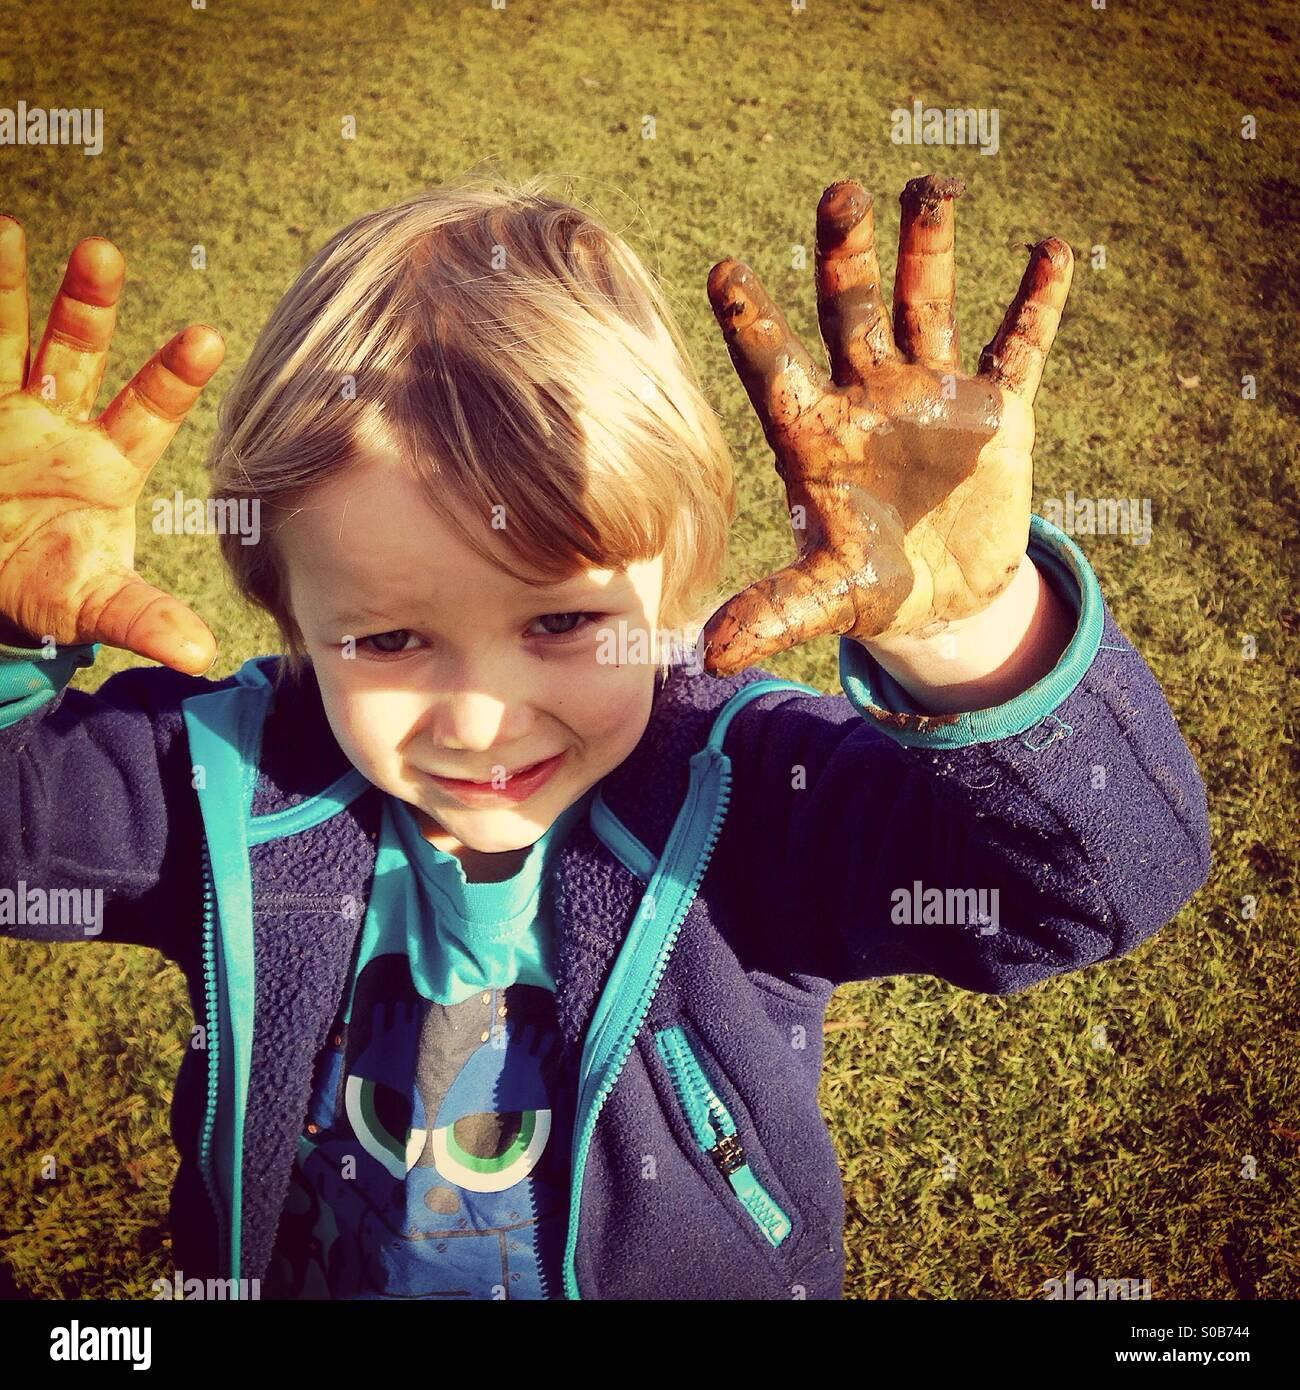 Glorious Mud - Stock Image